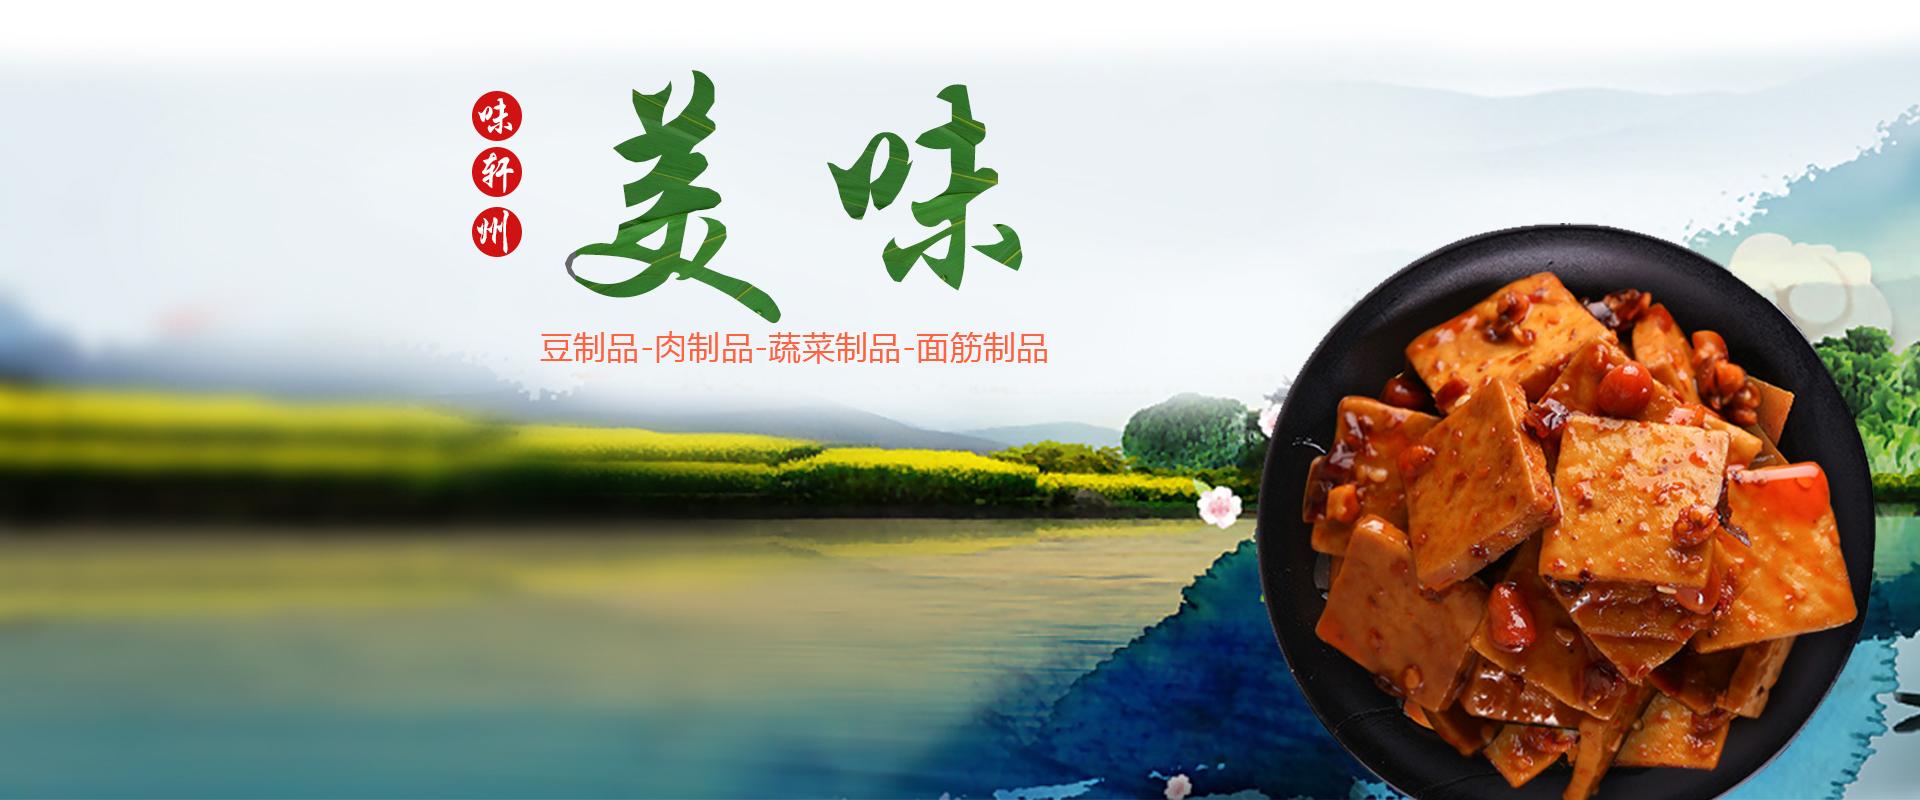 重庆休闲食品厂家